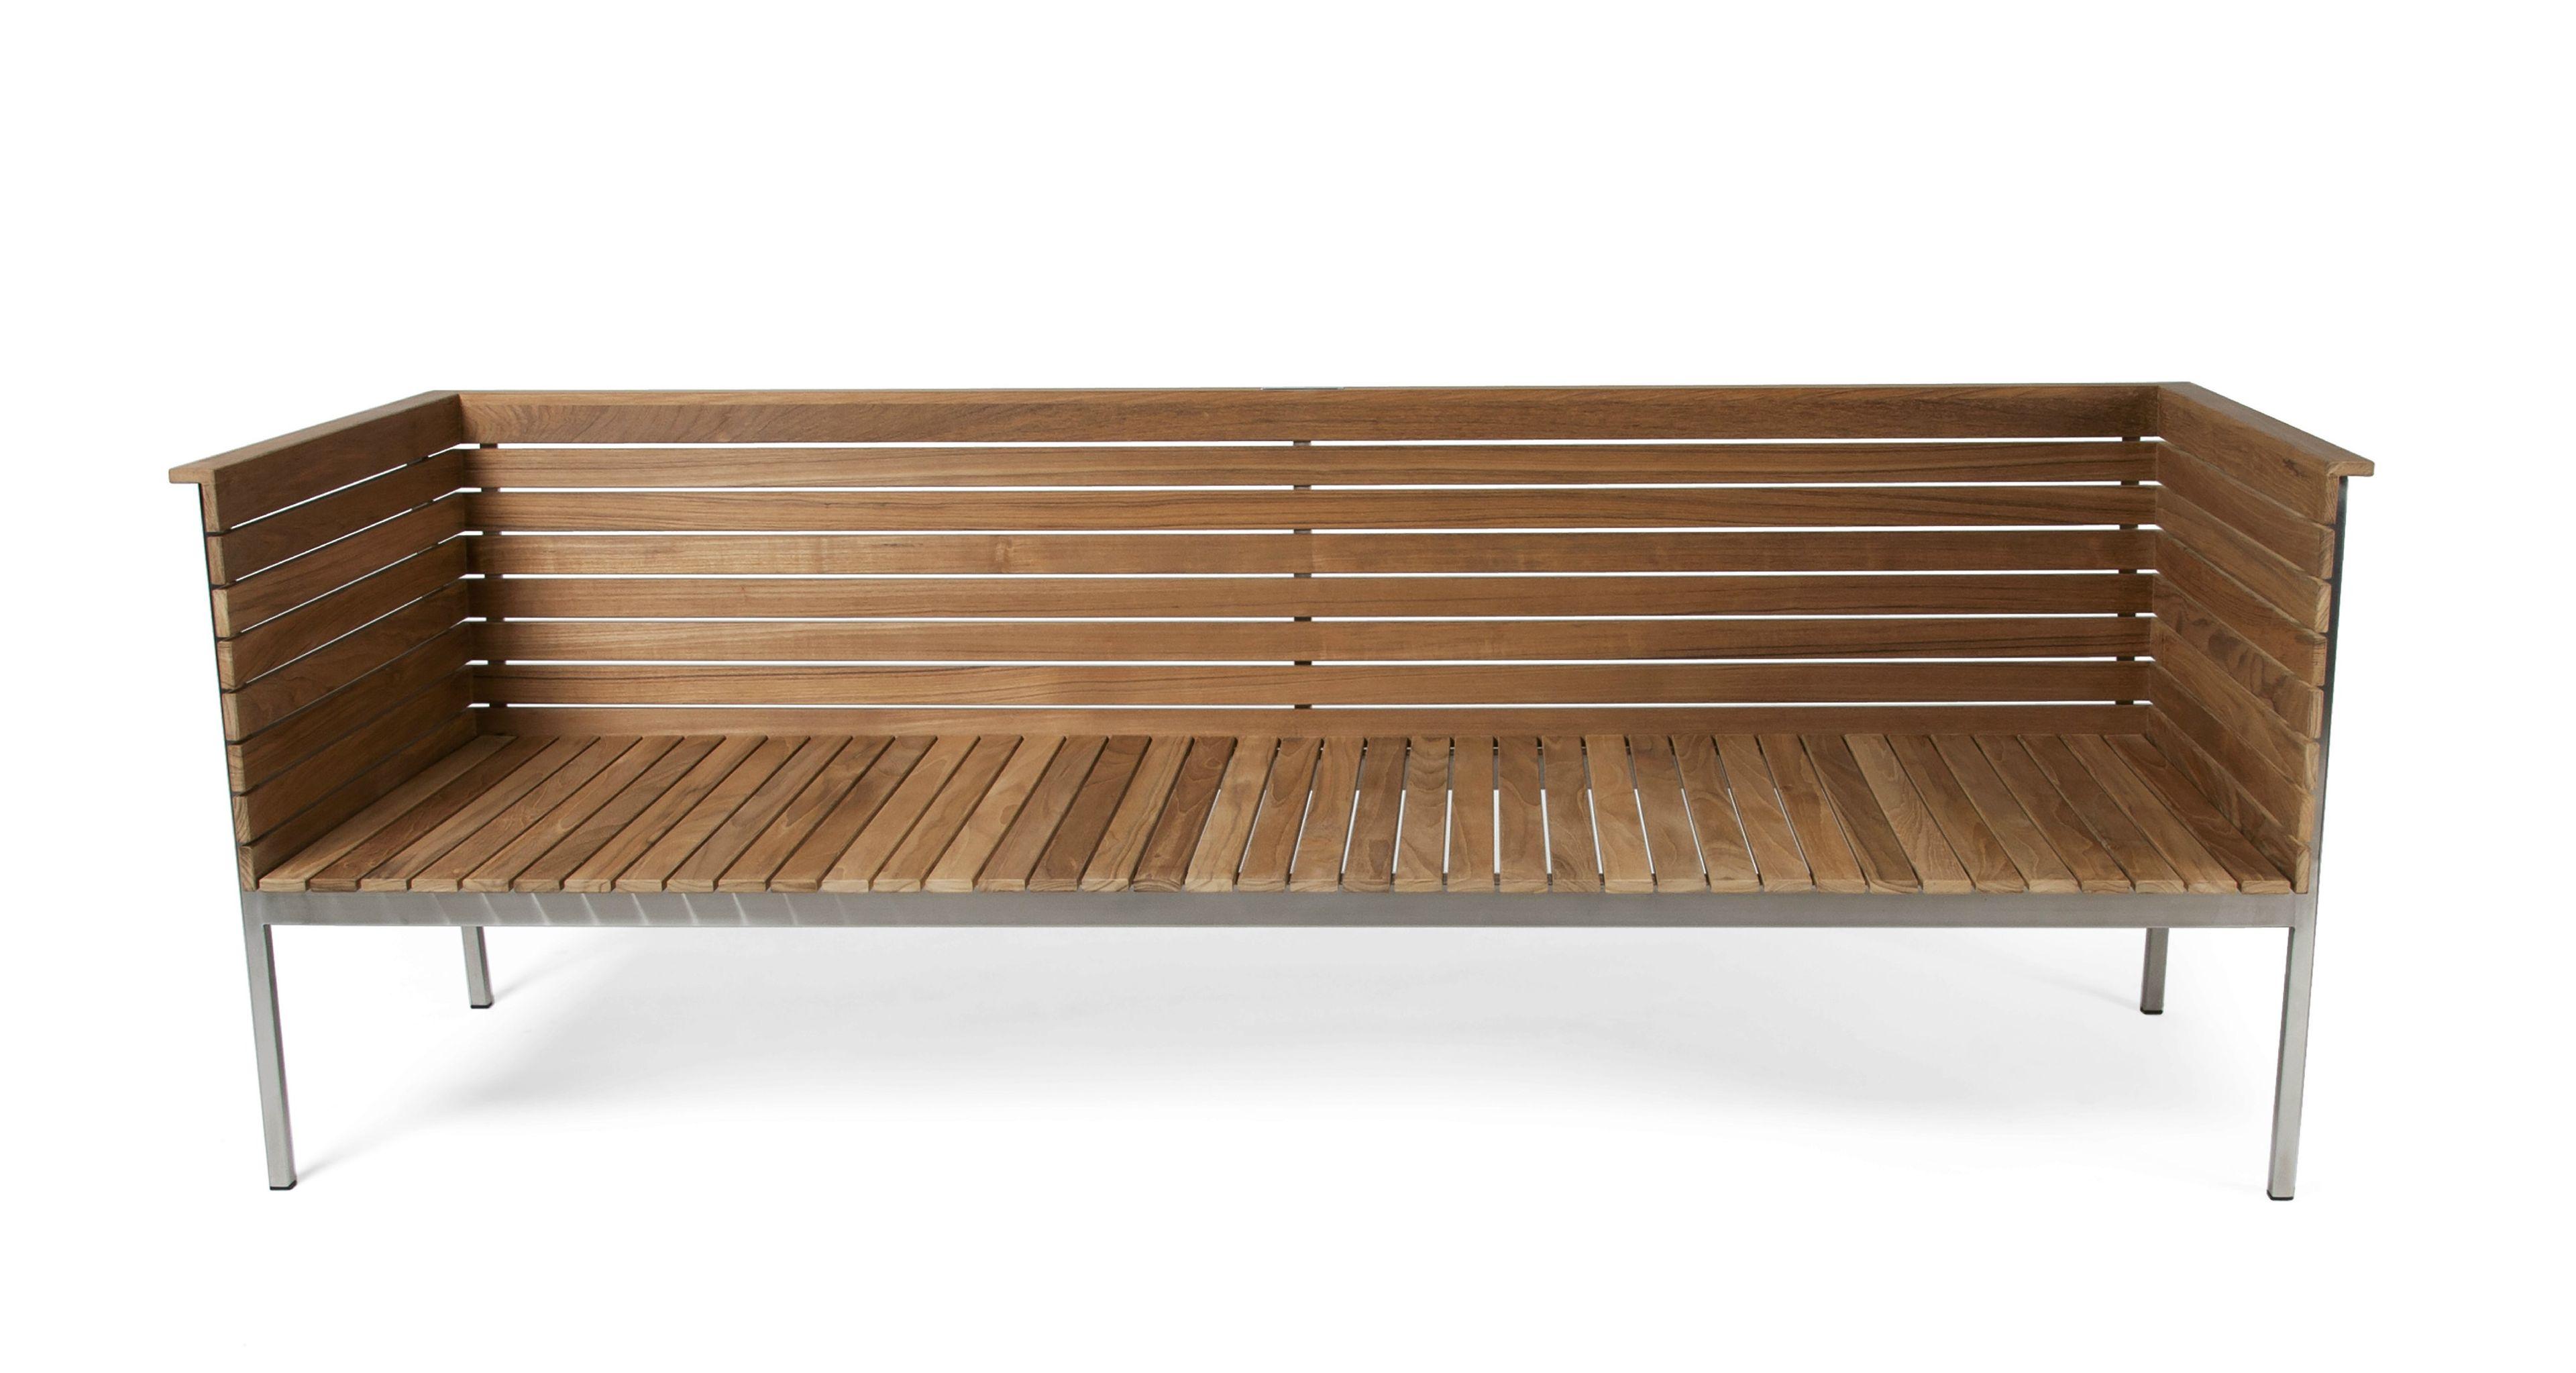 H Ringe Garden Sofa By Skargaarden Design Carl J Gnefelt Joacim Wahlstr M